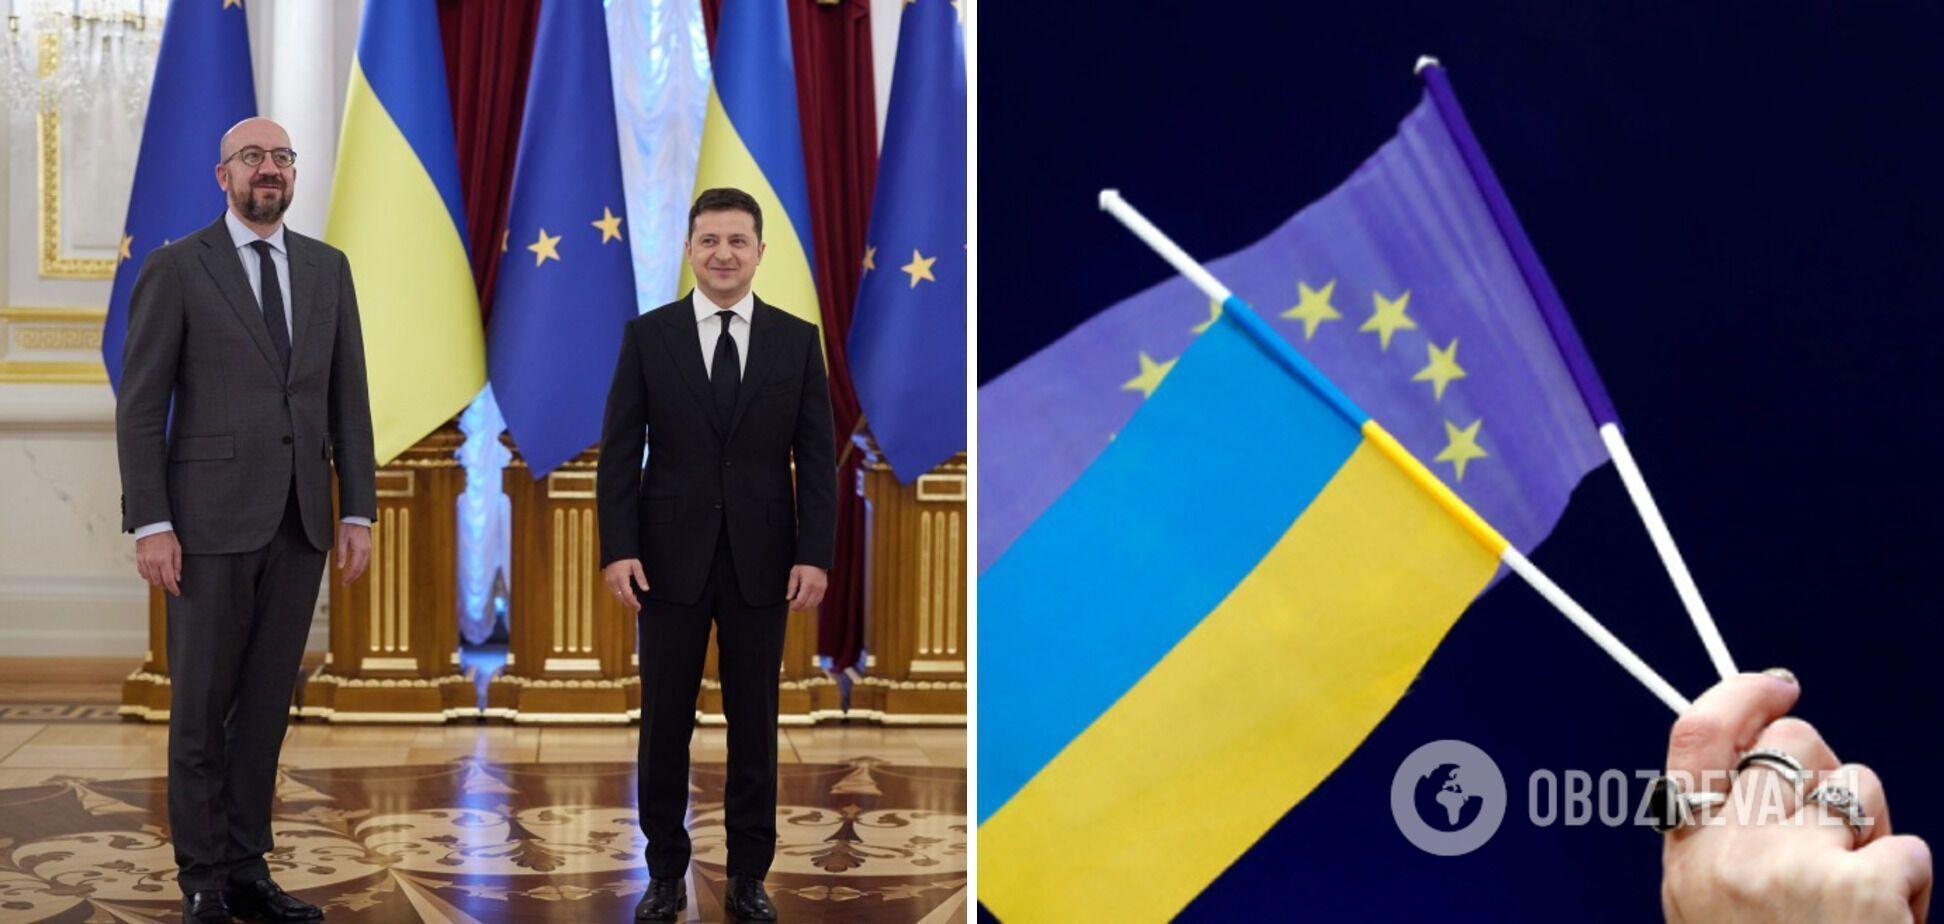 Шарль Мишель оценил перспективы членства Украины в ЕС